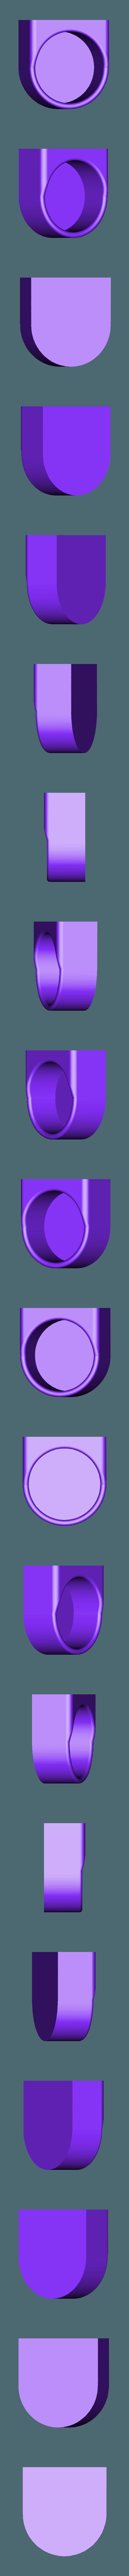 rubbing_alcohol_holder.stl Télécharger fichier STL gratuit Porte-alcool à friction • Modèle imprimable en 3D, Jdjxj_Hsxjxh